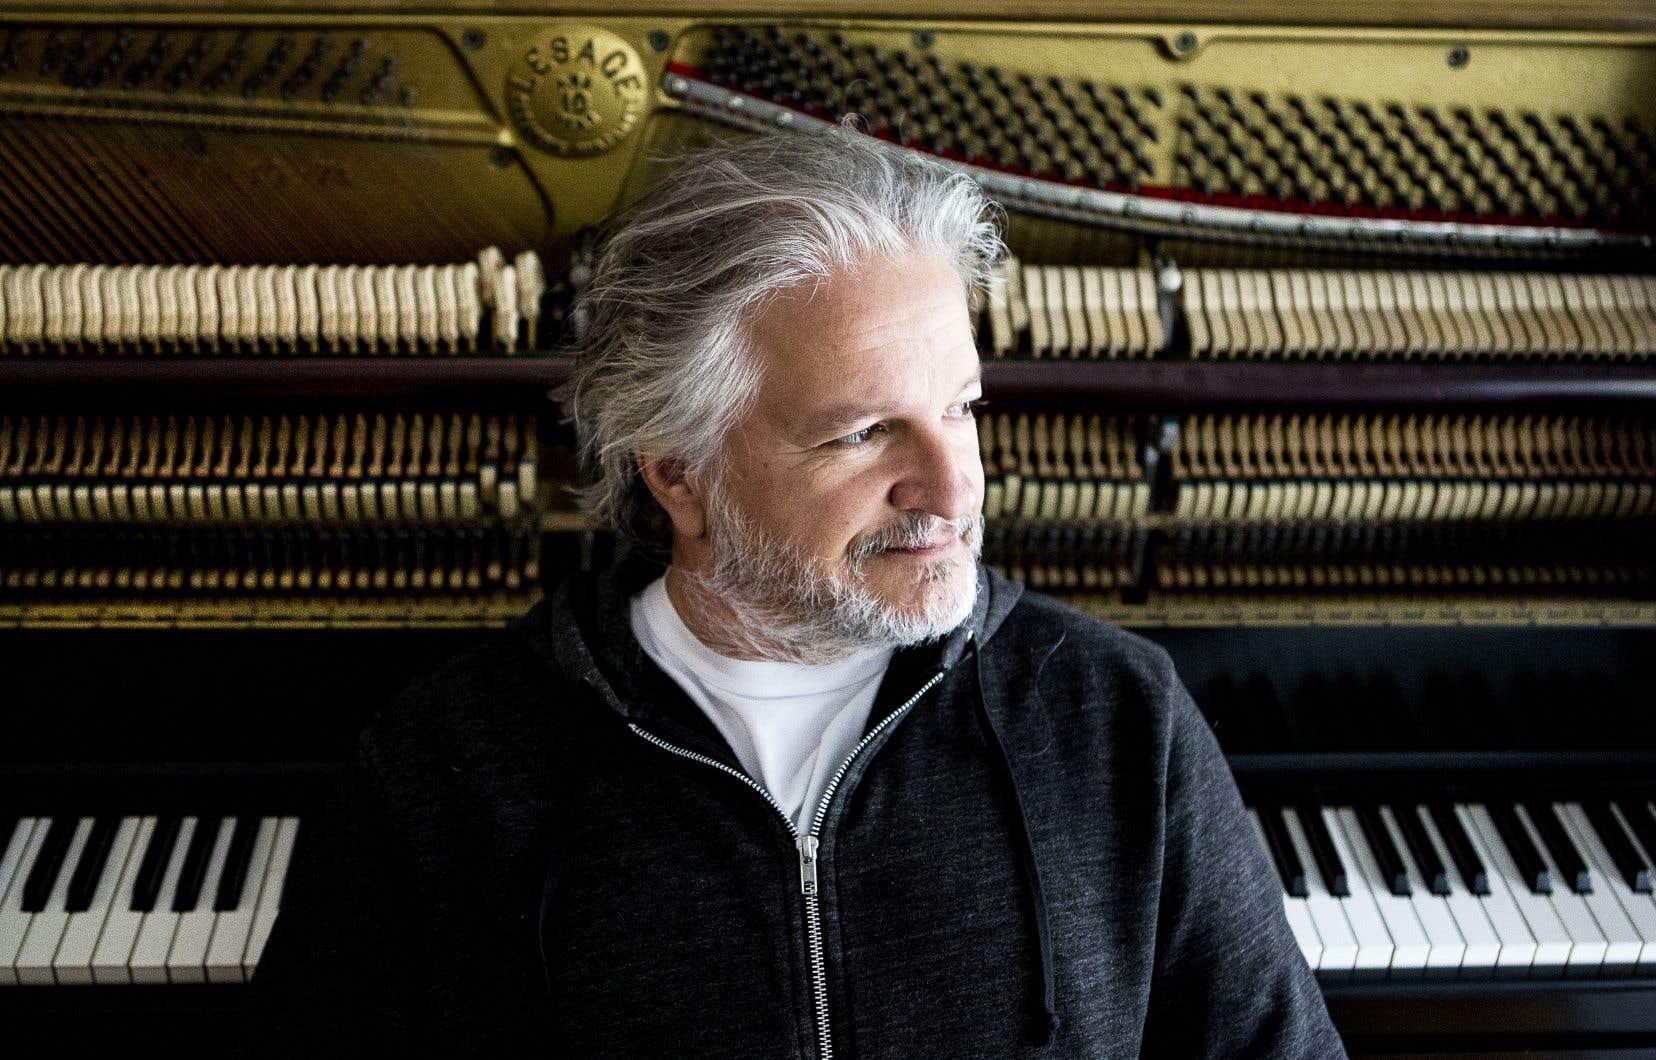 La beauté du projet de Daniel Bélanger réside dans tout ce qui dépasse le compositeur pour mieux le rejoindre, l'intangible originalité de la proposition.